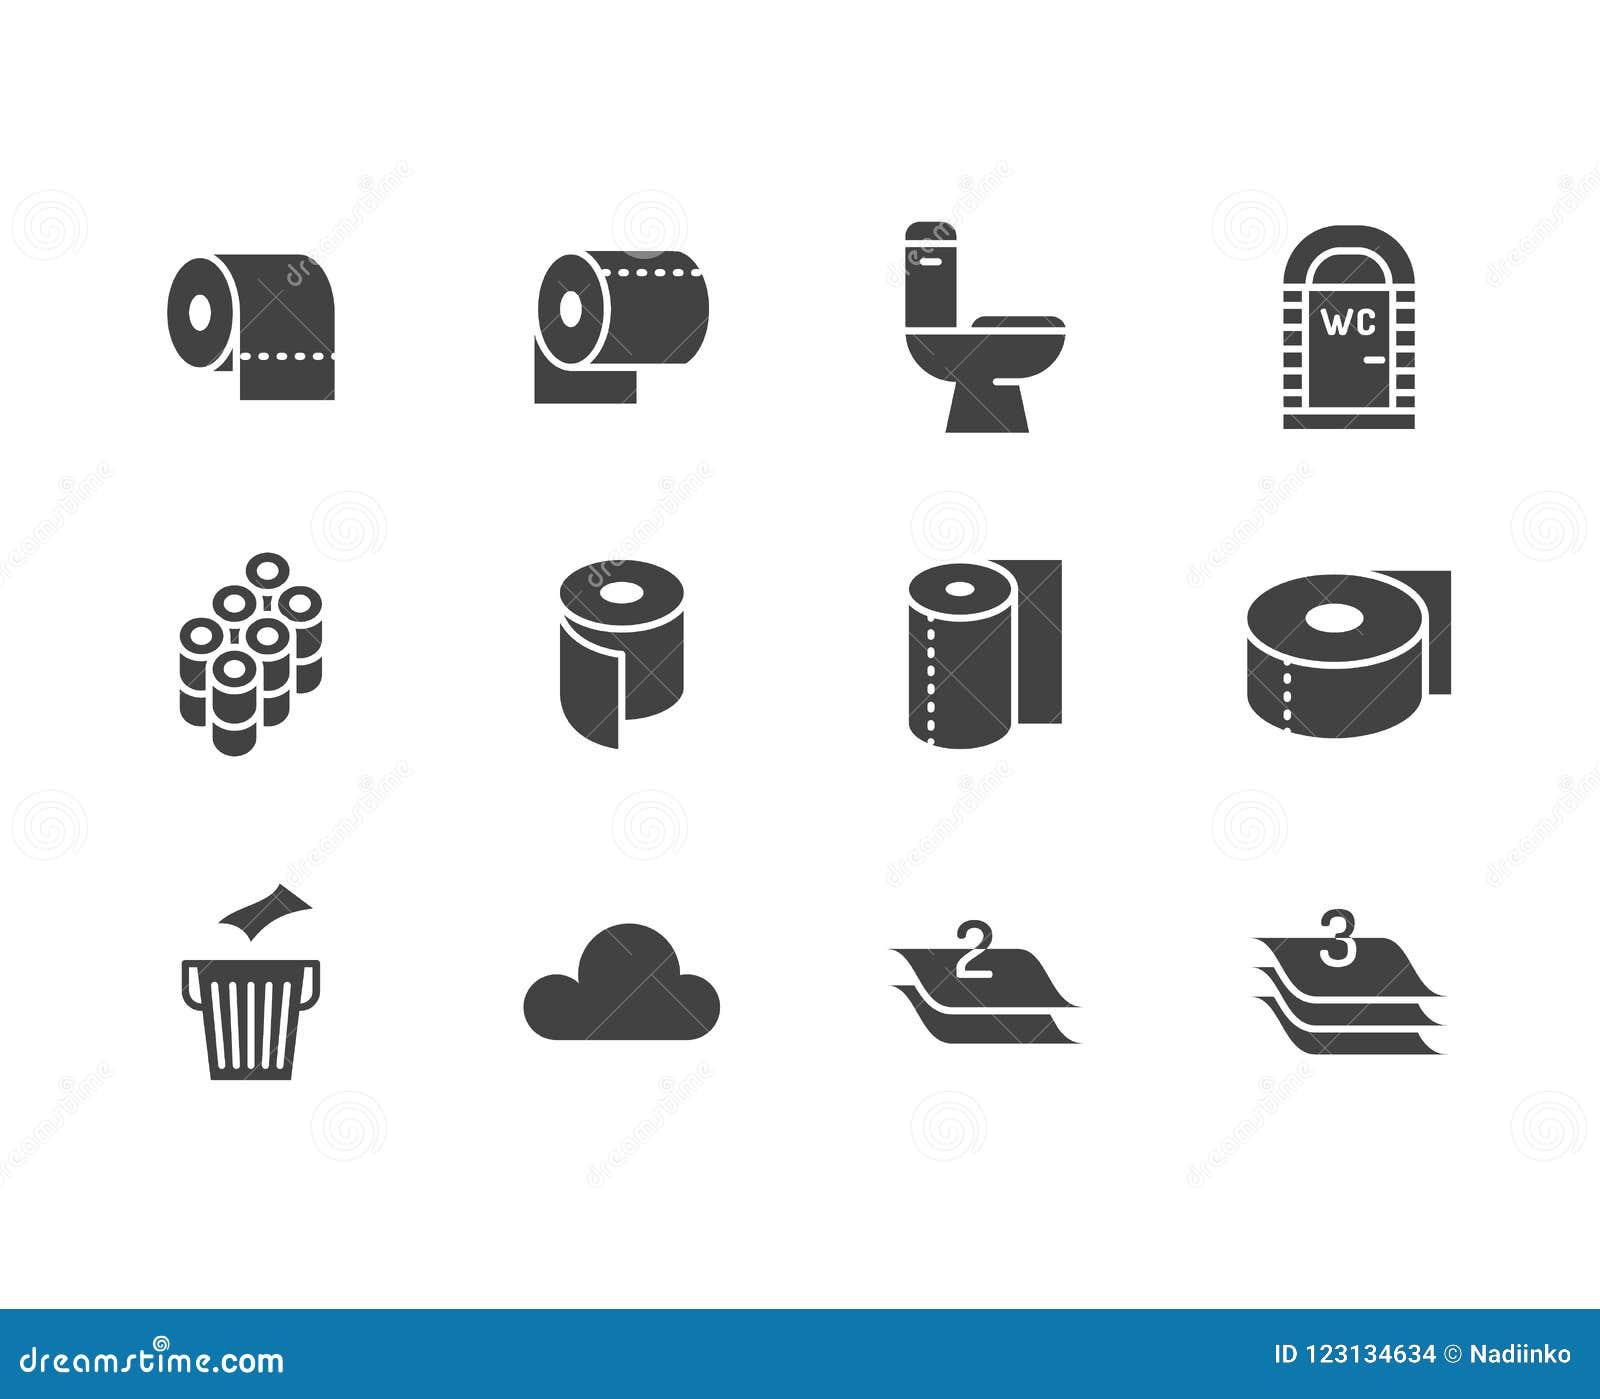 Ρόλος χαρτιού τουαλέτας, επίπεδα εικονίδια glyph πετσετών Διανυσματικές απεικονίσεις υγιεινής, κινητό WC, χώρος ανάπαυσης, βαλμέν